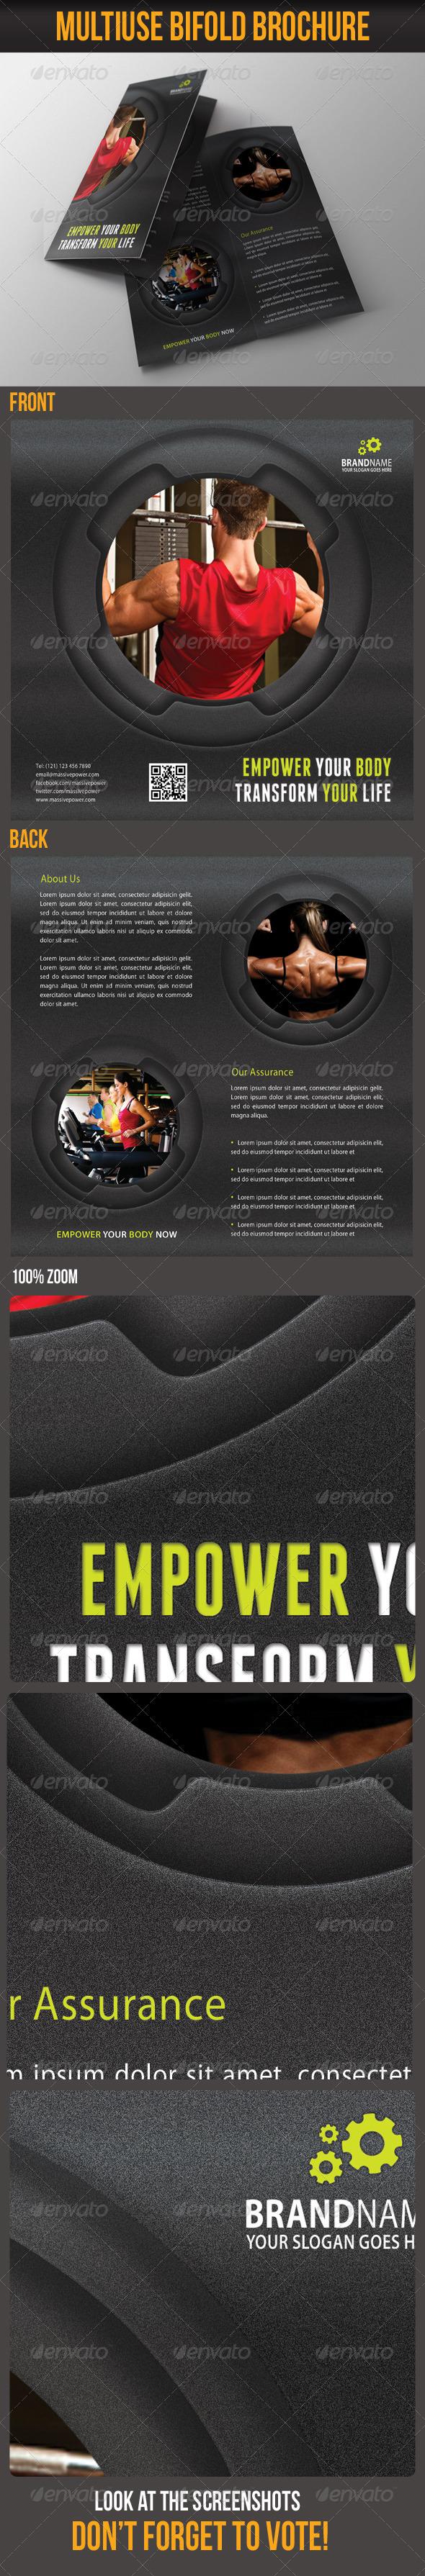 GraphicRiver Multiuse Bifold Brochure 12 6097753